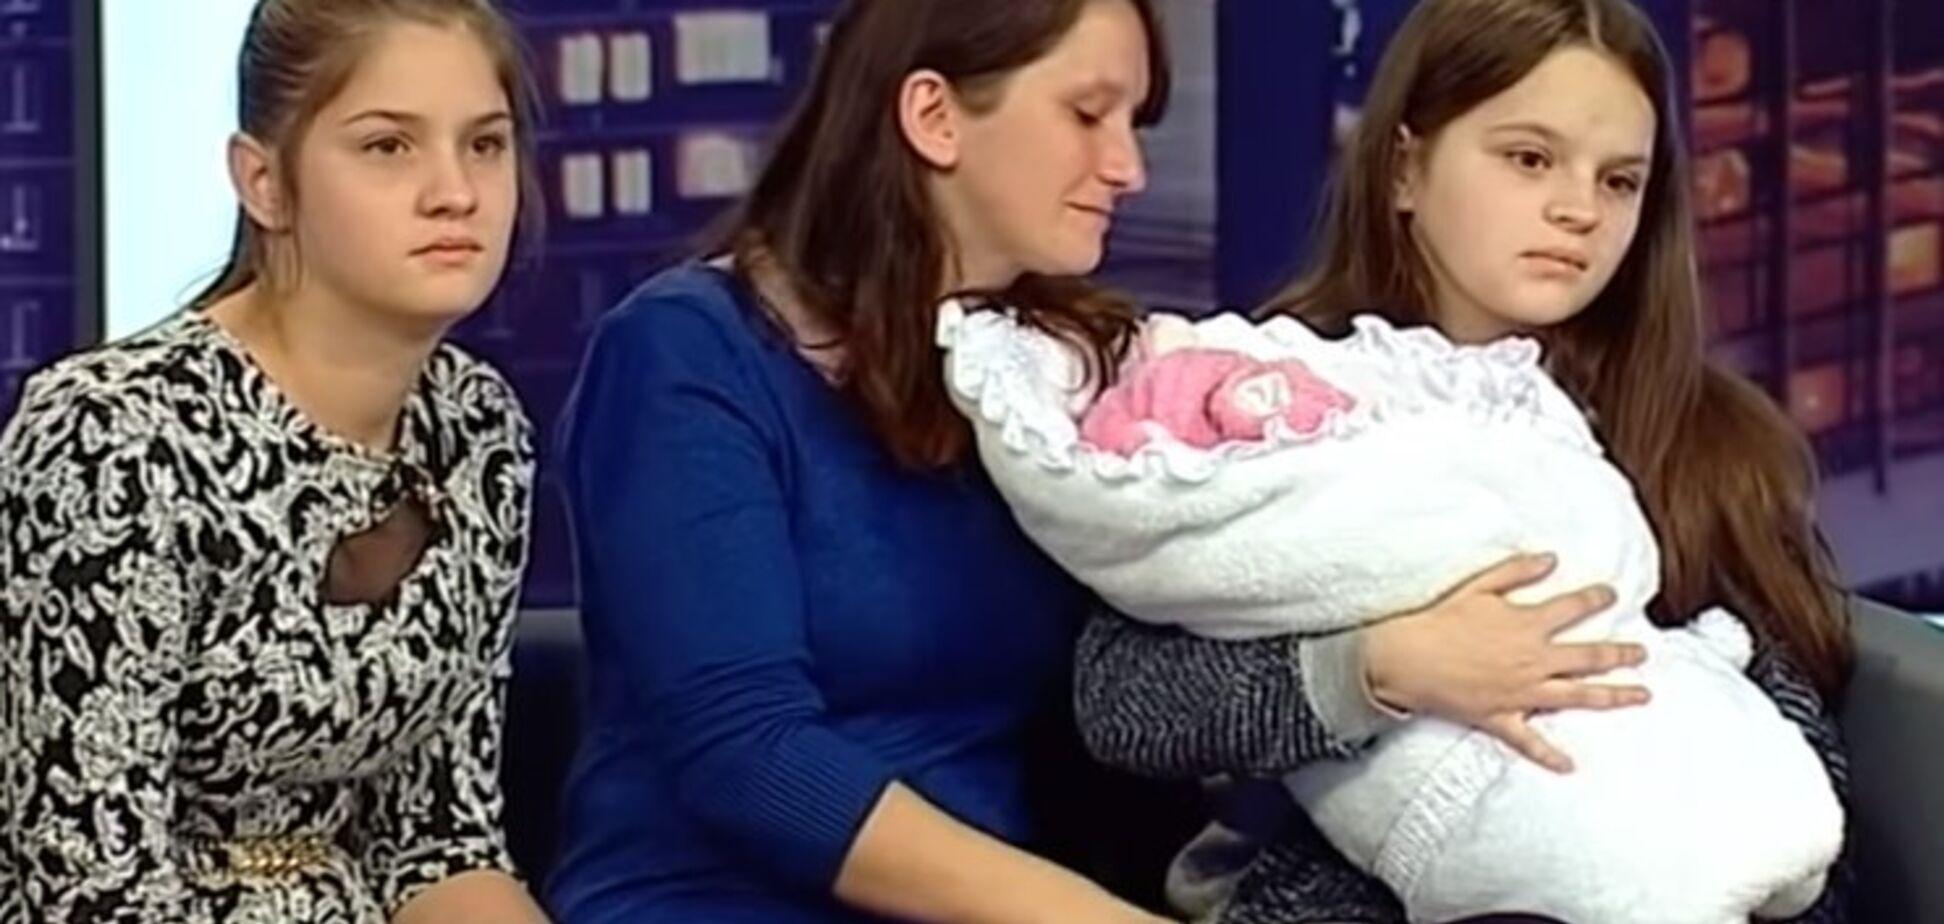 'Кругообіг л*йна': шоу 'Інтера' про 12-річну породіллю приголомшило британську пресу